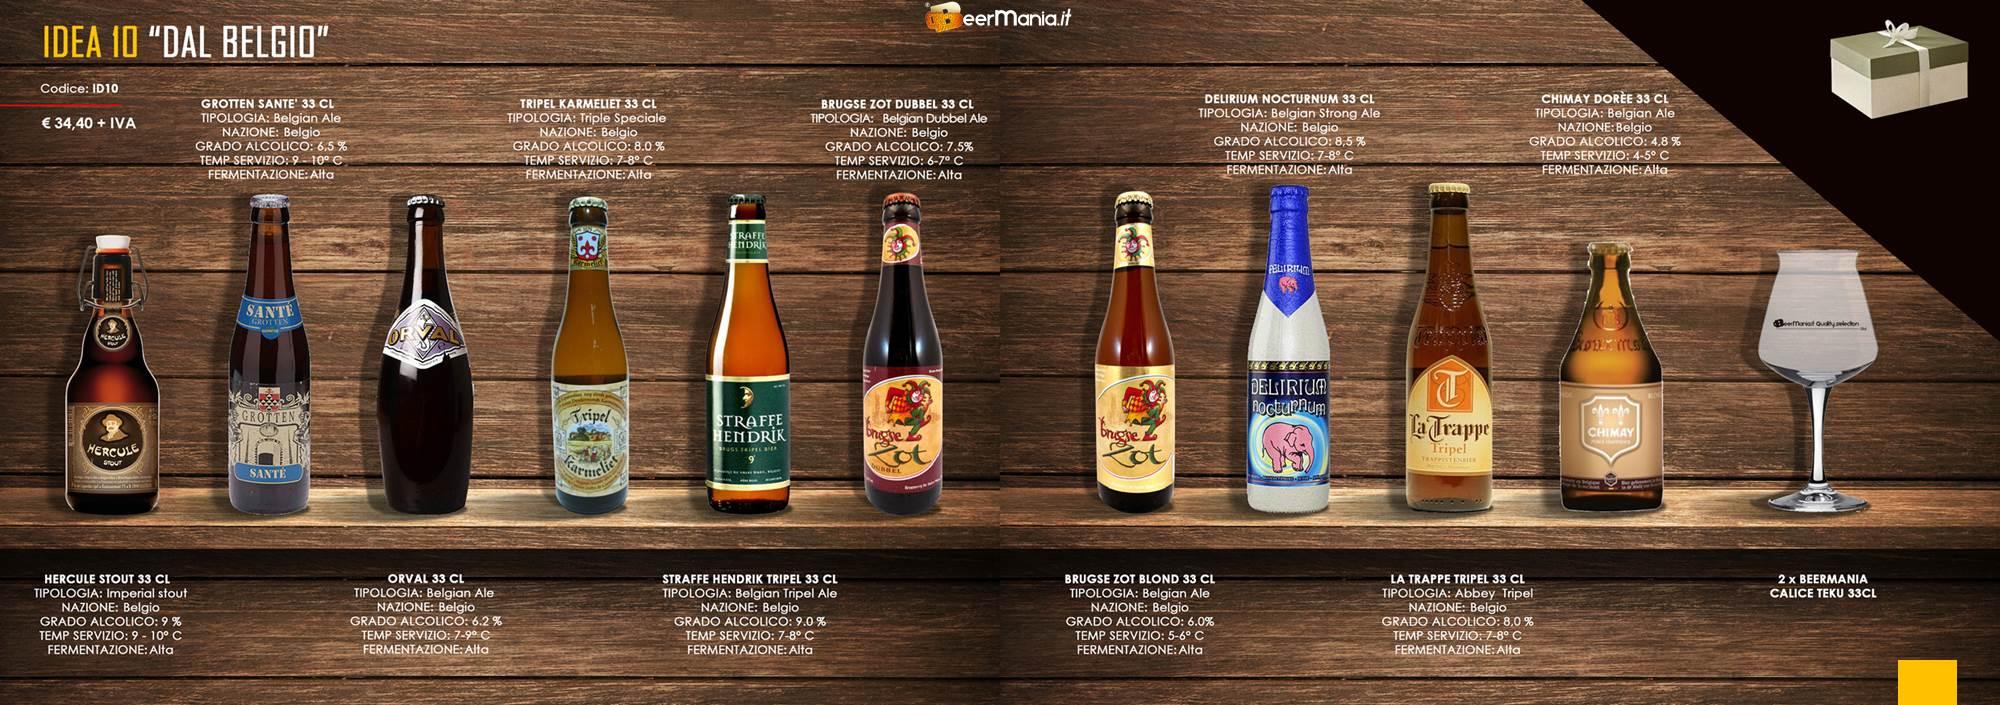 selezione birre belghe beermania